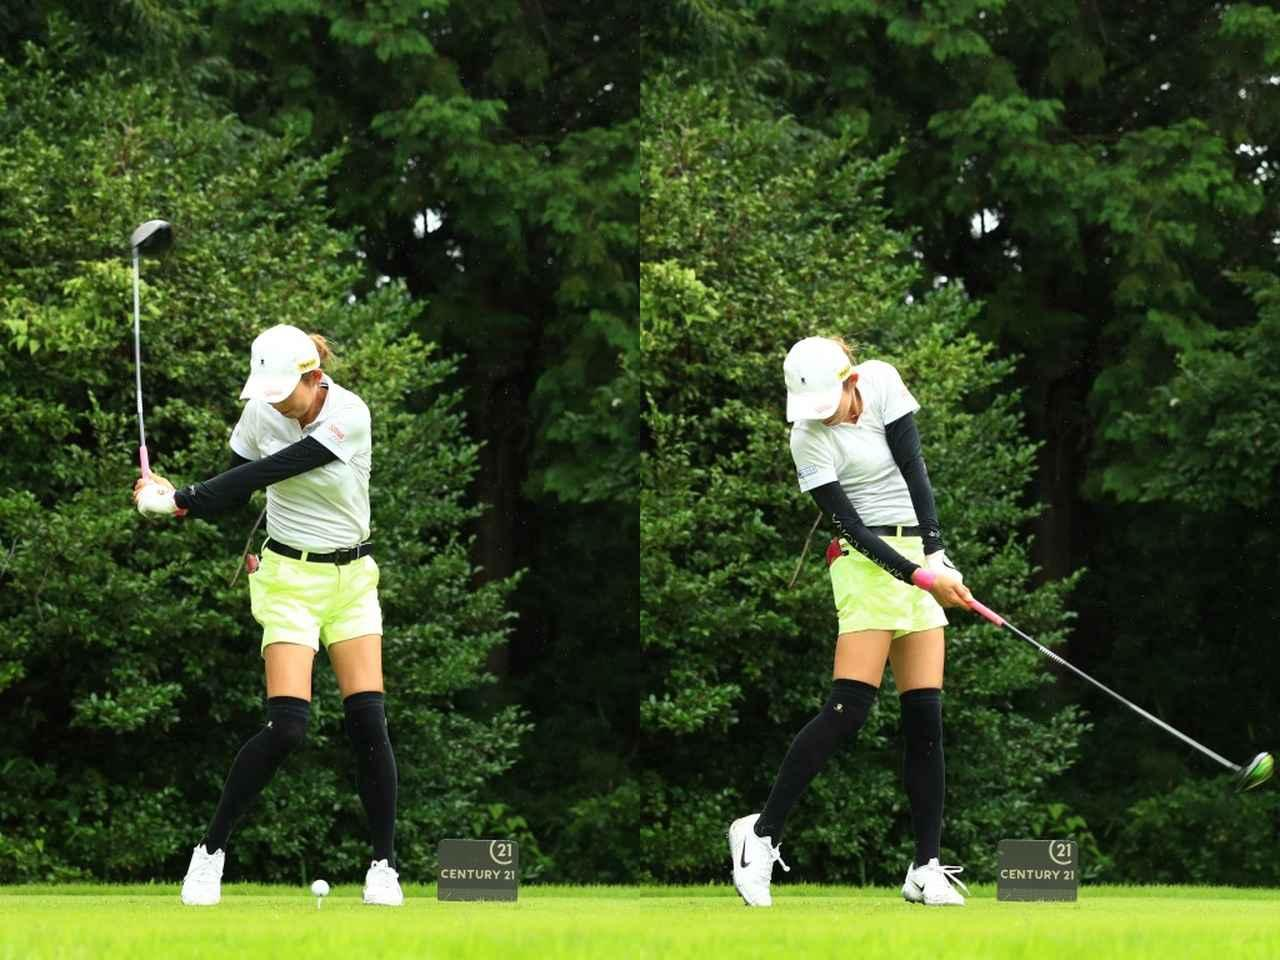 画像: 画像B:ダウンスウィングではクラブを立てるように引き下ろし、インパクトに向けて腕を回旋する動きは入らないためフェースの開閉は使っていない(写真は2019年のセンチュリー21レディス 撮影/大澤進二)